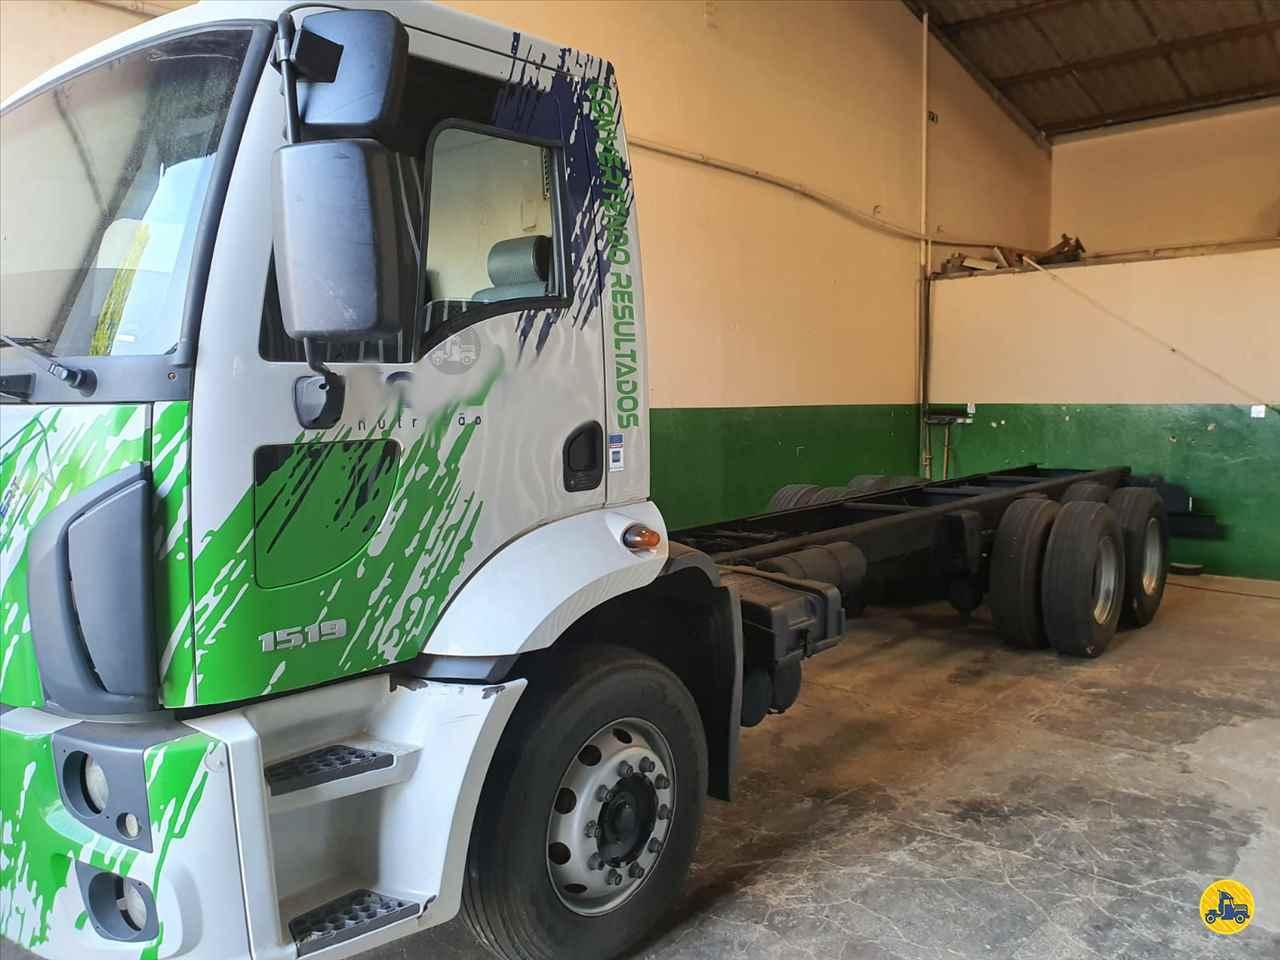 CAMINHAO FORD CARGO 1519 Chassis Truck 6x2 Maracavel Londrina Caminhões LONDRINA PARANÁ PR